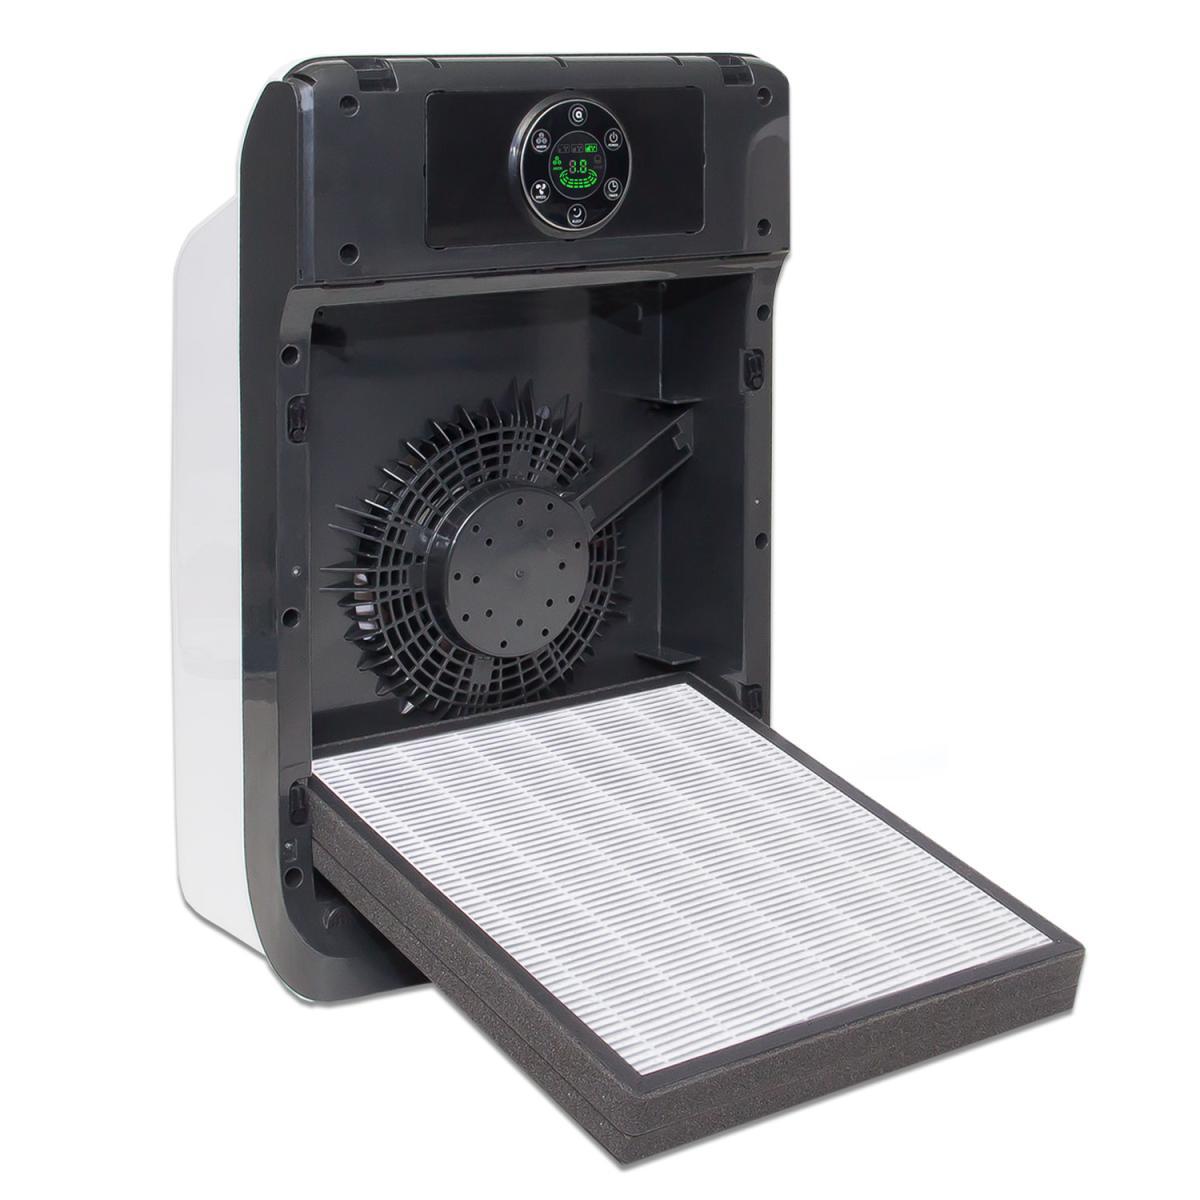 sehr leiser hepa luftreiniger alfda alr160 mit alfdacleanair filter himop. Black Bedroom Furniture Sets. Home Design Ideas